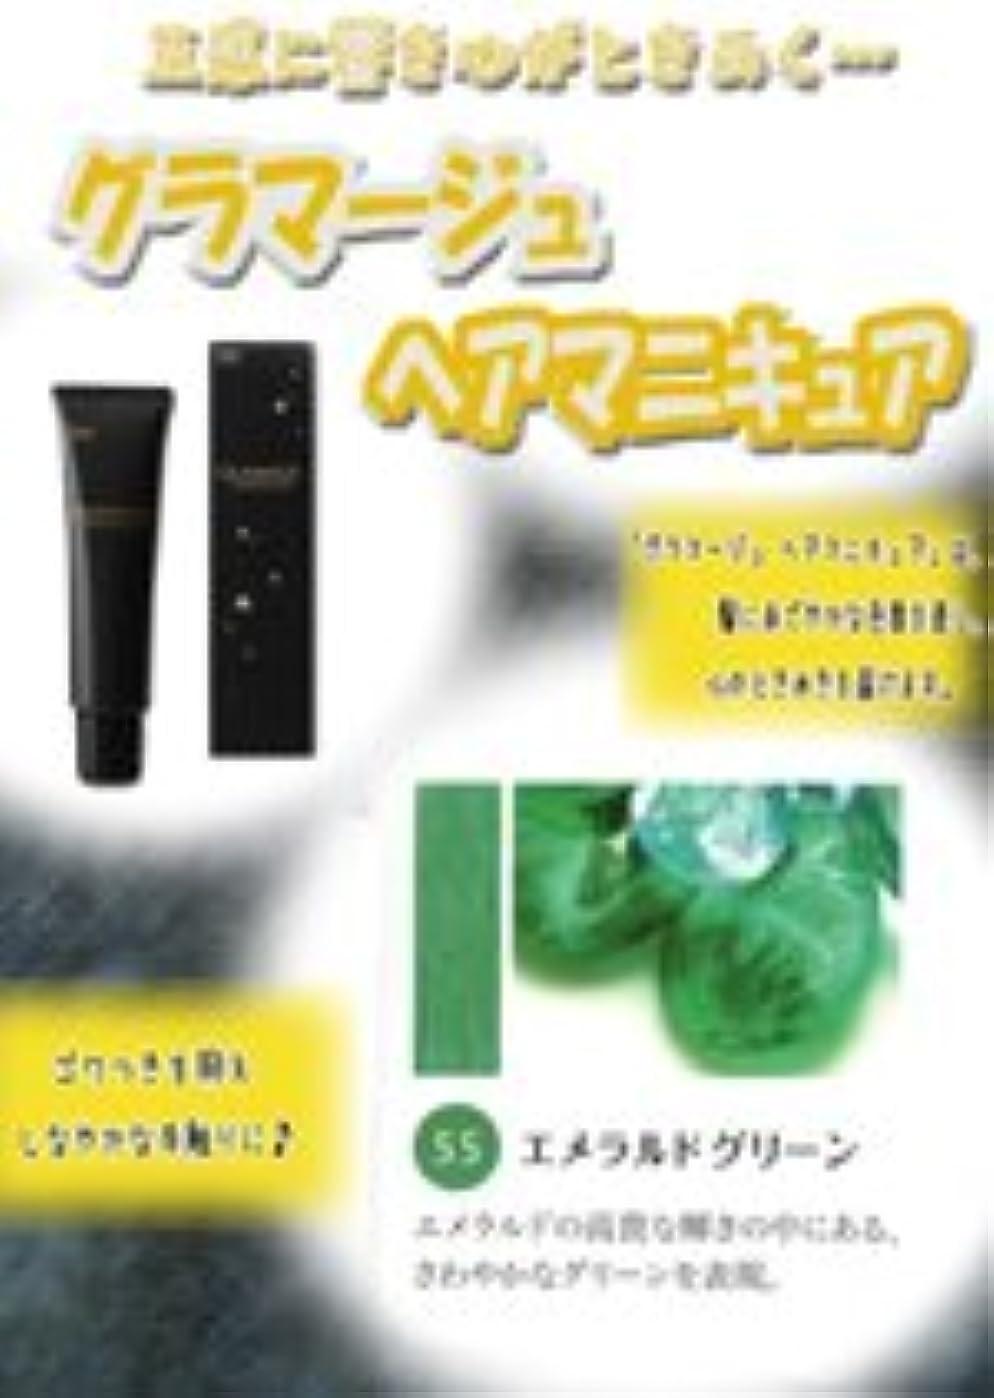 HOYU ホーユー グラマージュ ヘアマニキュア 55 エメラルドグリーン 150g 【ビビッド系】